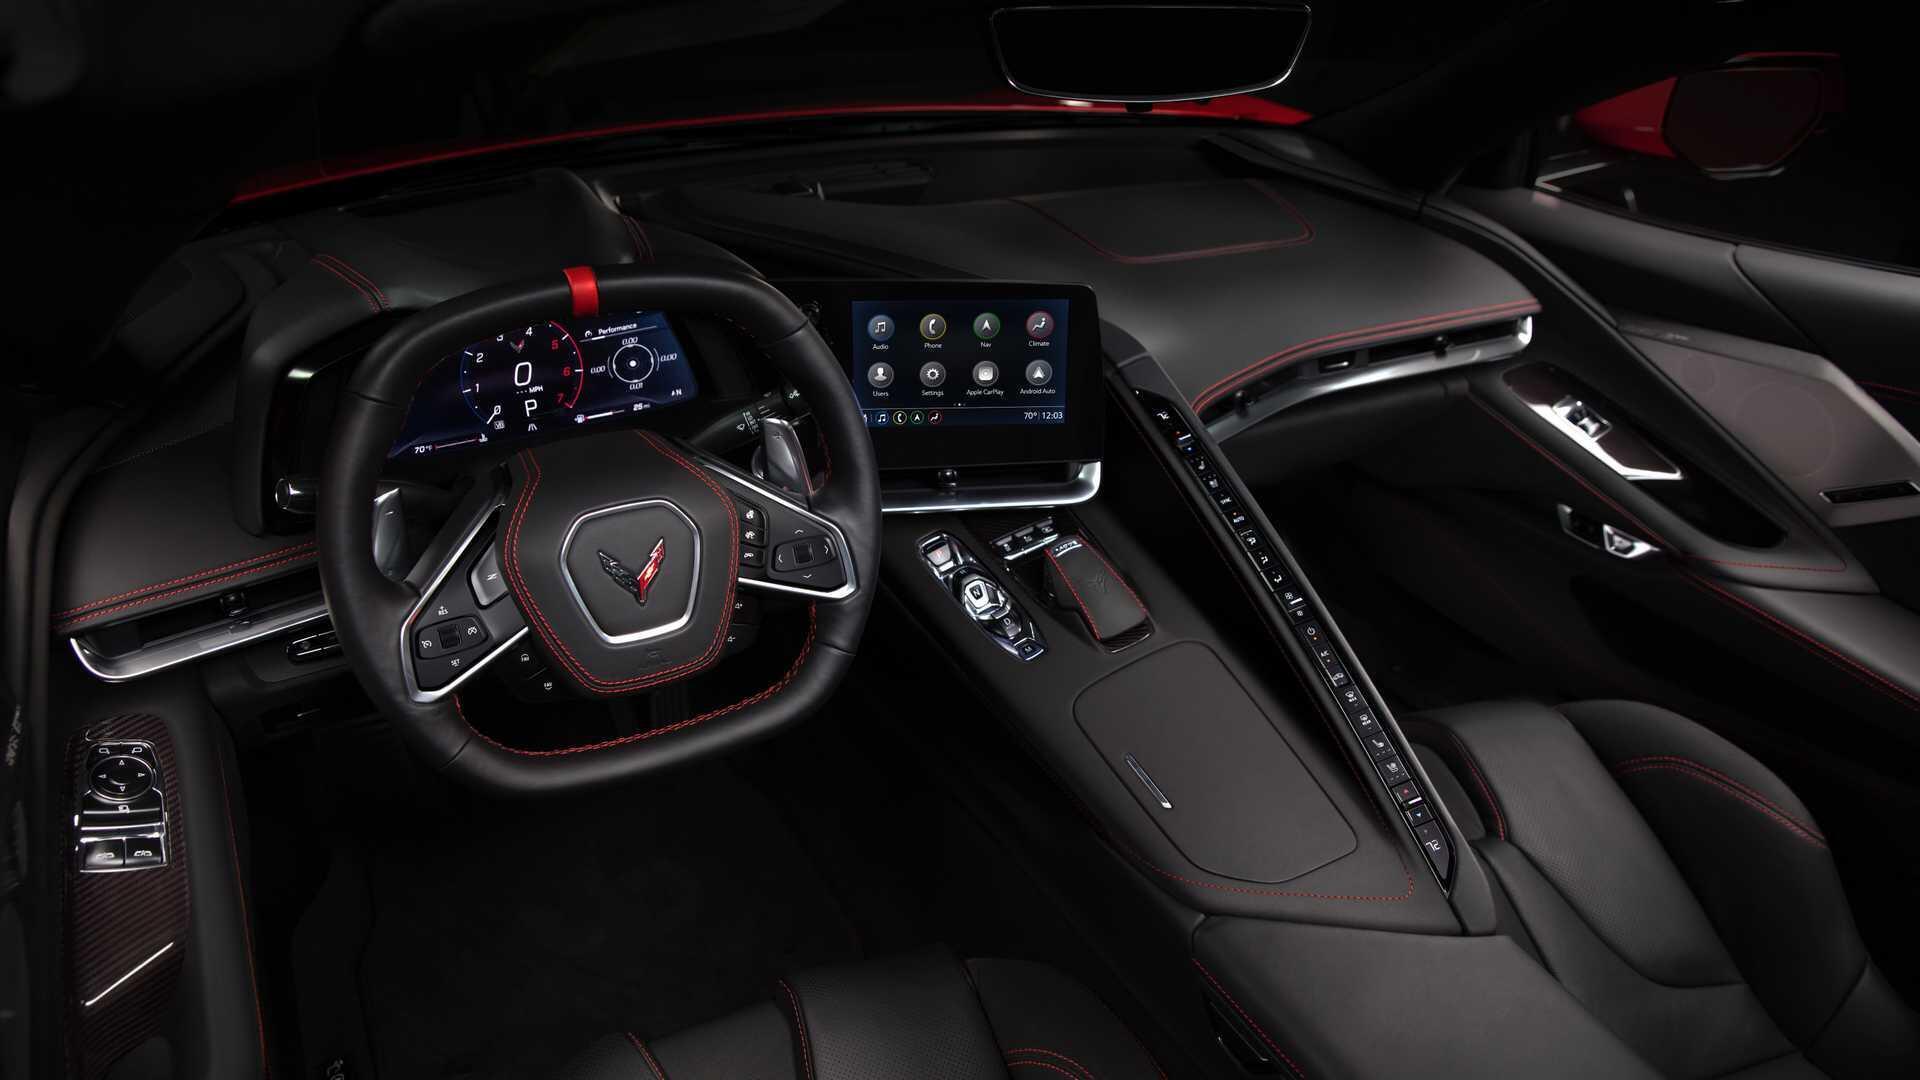 https://cdn.dailyxe.com.vn/image/chevrolet-corvette-2020-co-mot-so-tinh-nang-an-tuyet-voi-80-94580j2.jpg